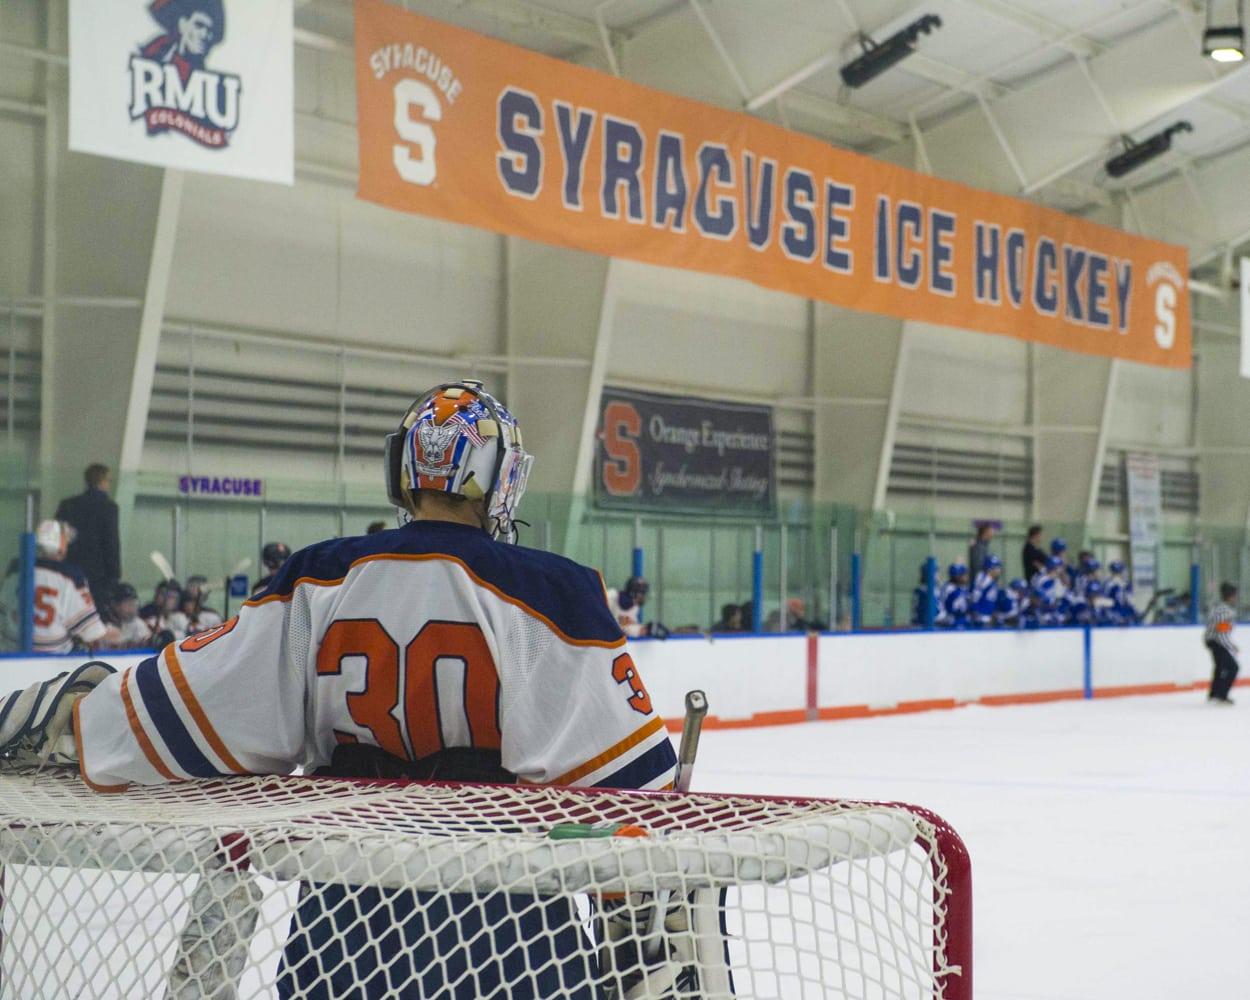 SU hockey goalie helmet